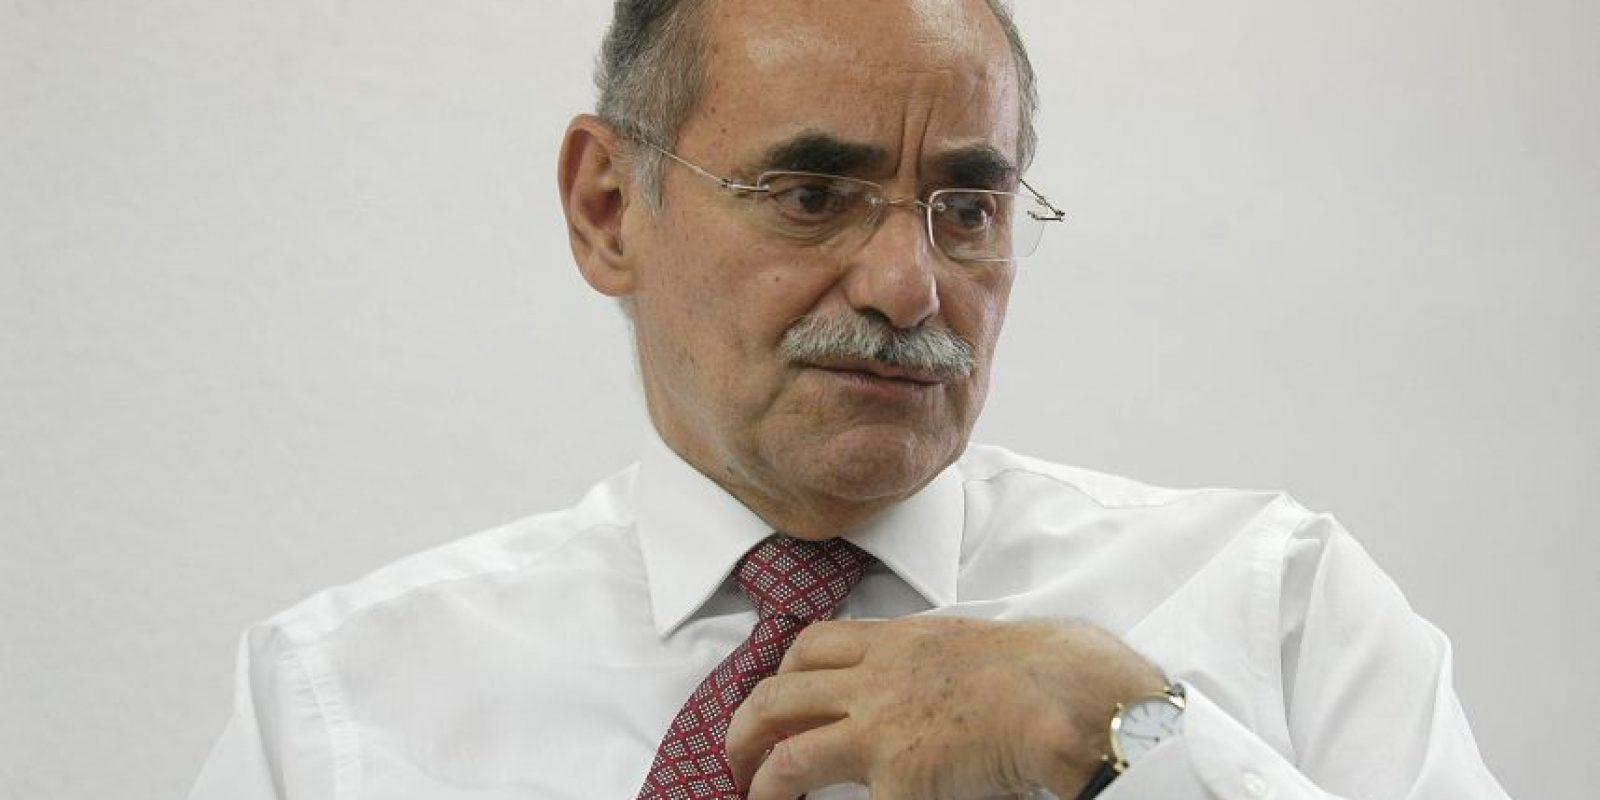 Horacio Serpa tuvo como su marca más reconocida el bigote durante muchos años Foto:EFE